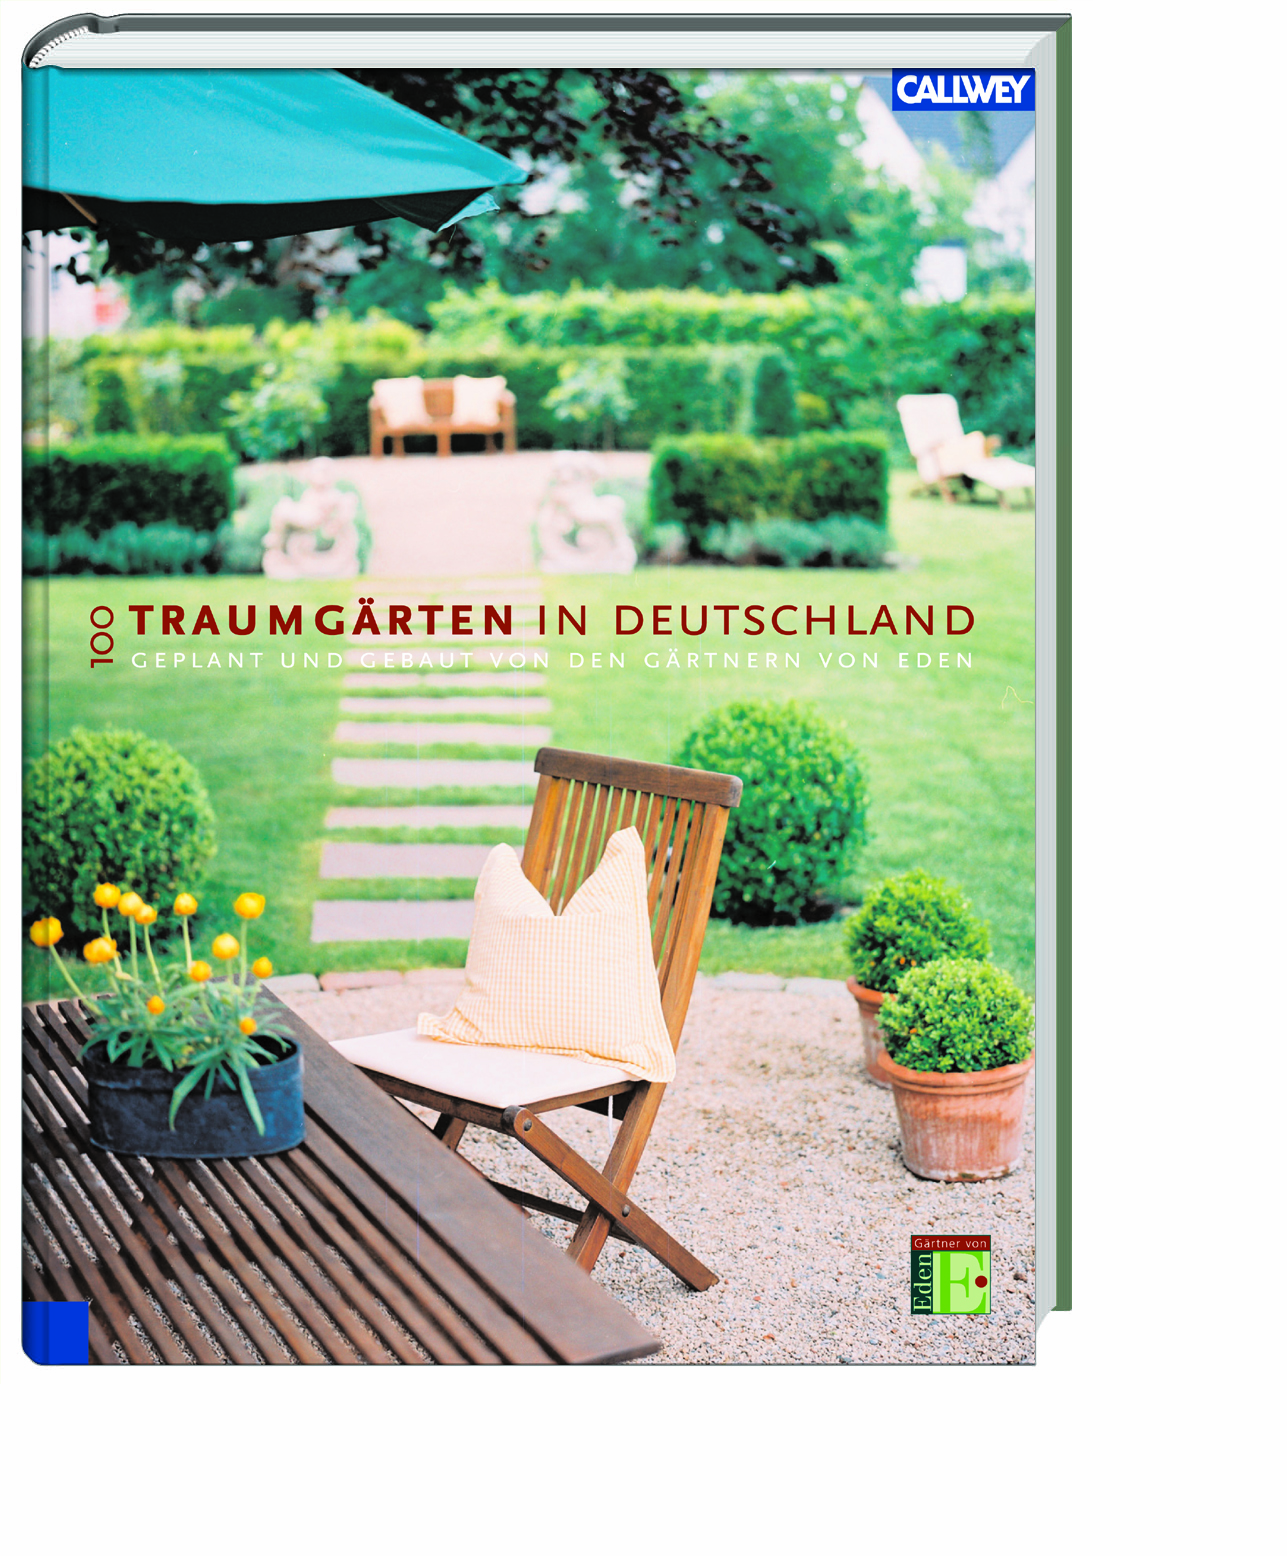 Traumgärten 100 traumgärten in deutschland gartenratgeber